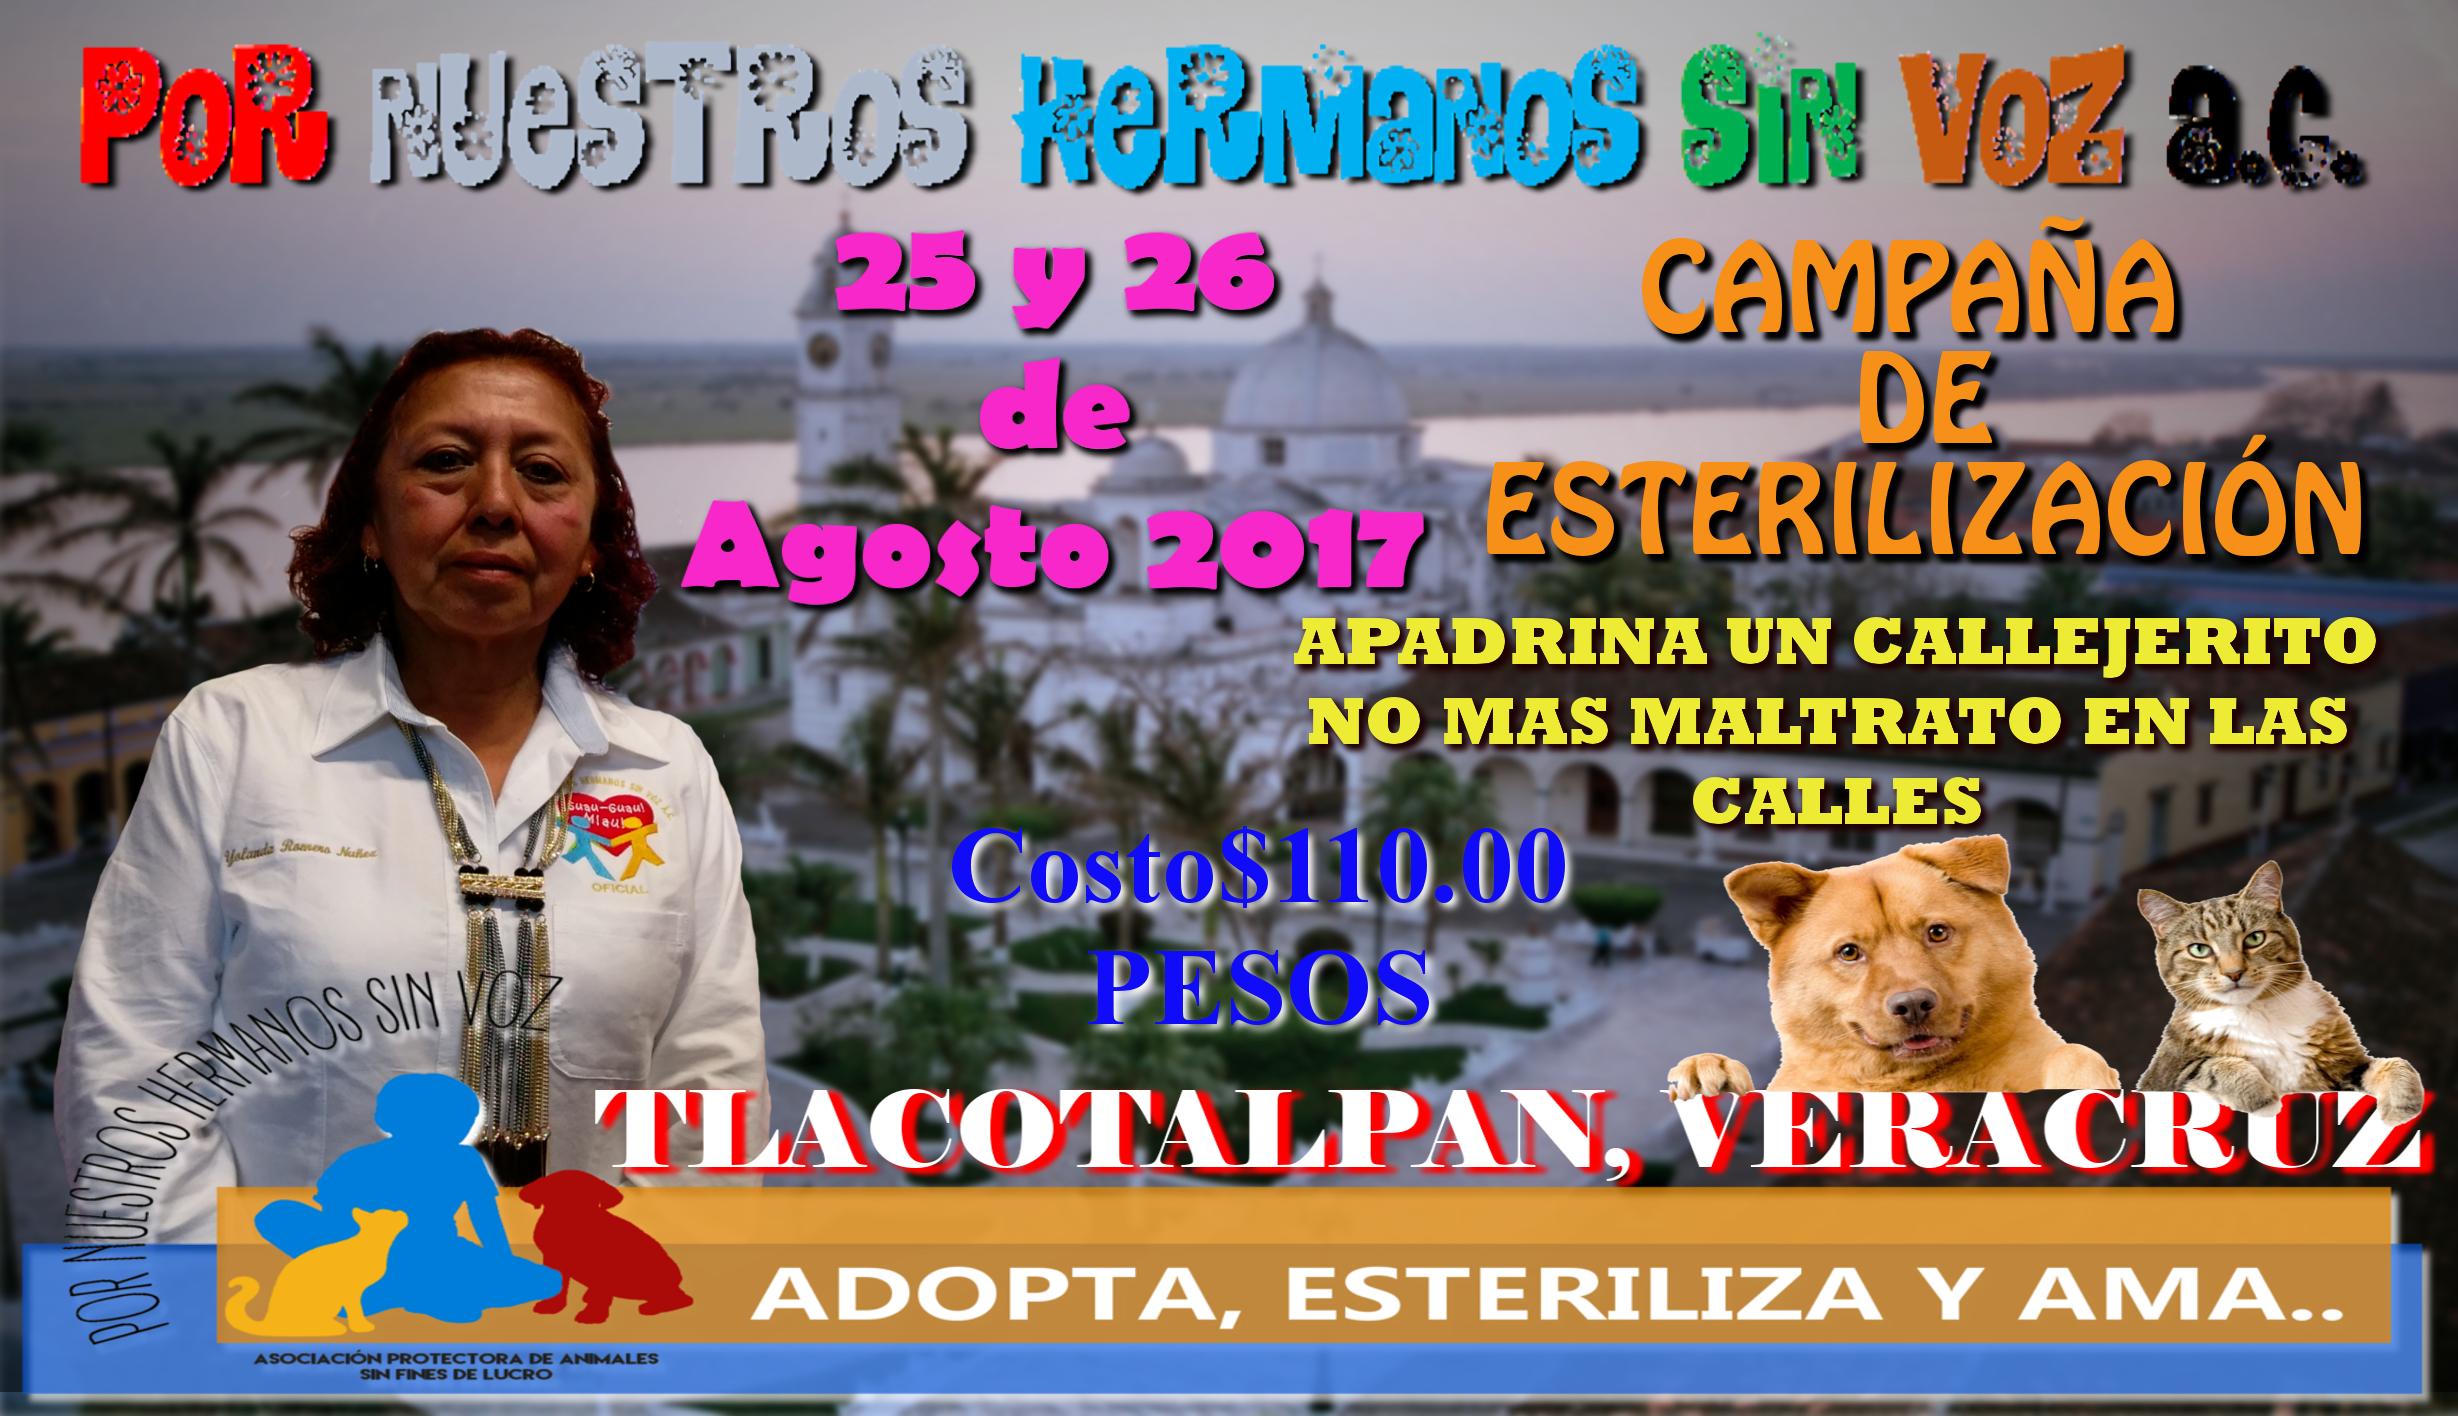 25 y 26 agosto campaña